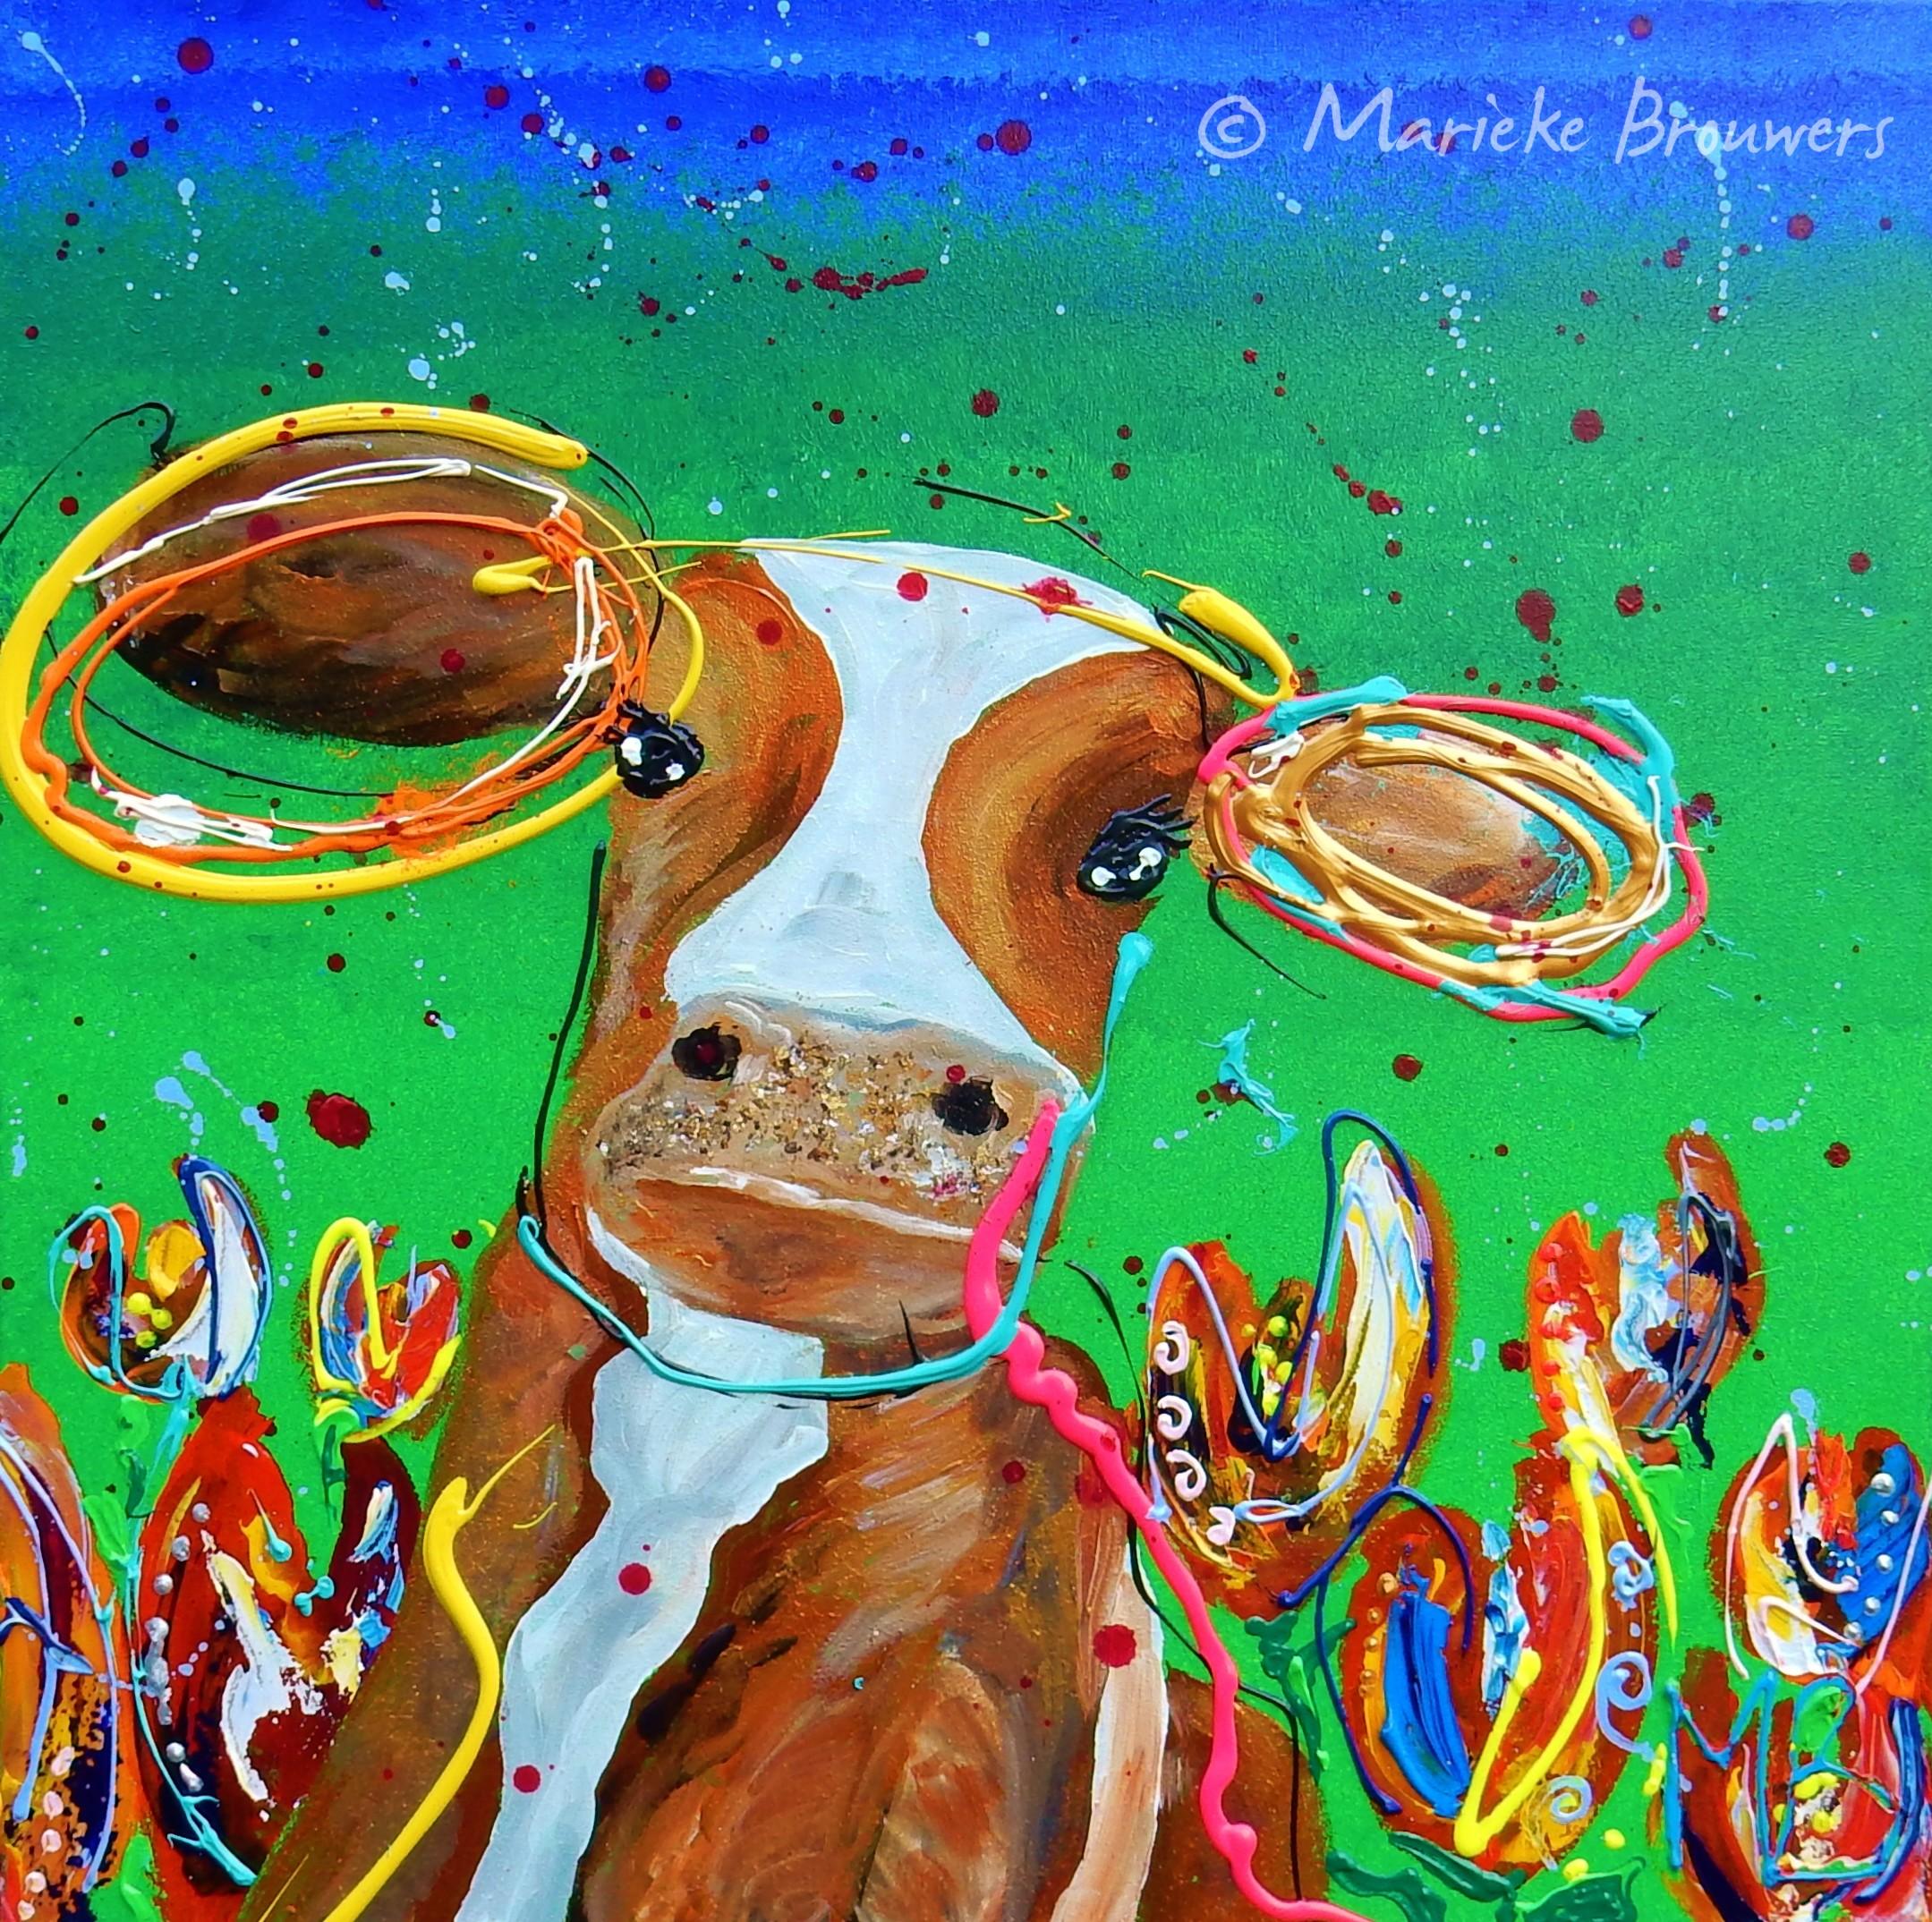 vrolijk koeienschilderij, kleurrijke kunst, wonen, interieur, kunst op kantoor, schilderij woonkamer, keuken, figuratief, abstract